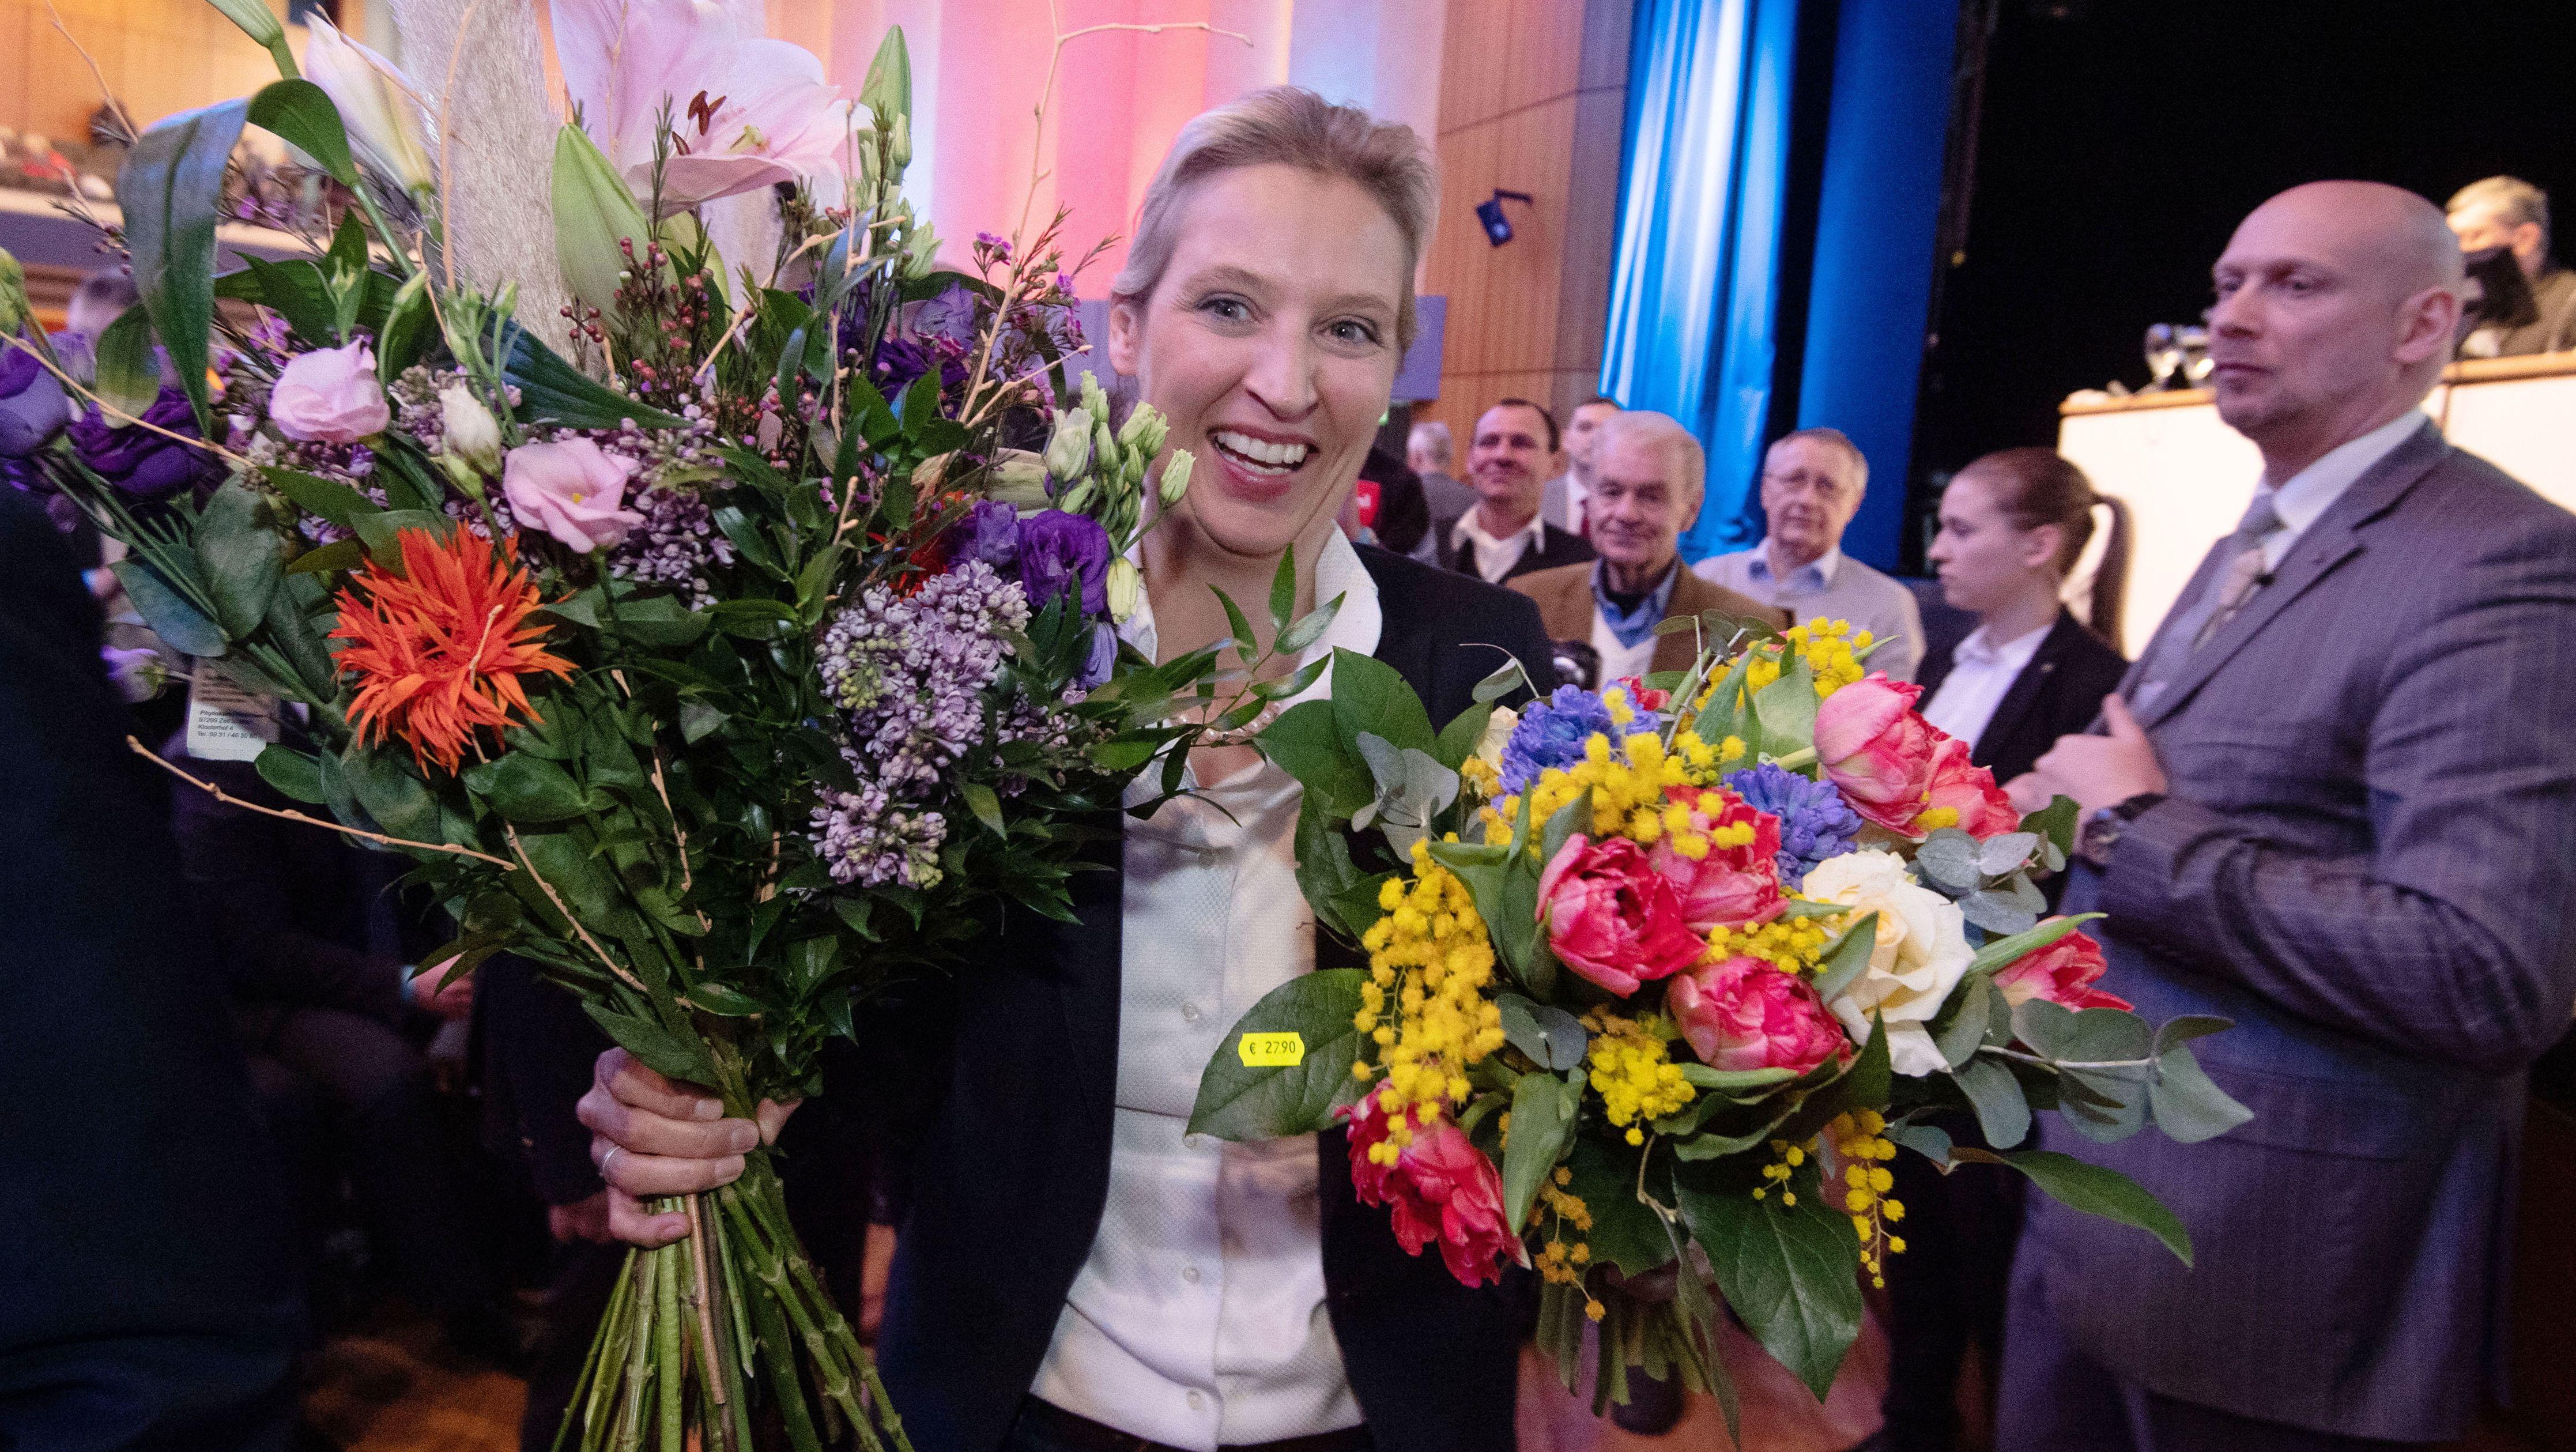 Alice Weidel, AfD-Fraktionsvorsitzende im Bundestag, hält beim AfD-Sonderparteitag nach ihrer Wahl zur Landesvorsitzenden der AfD Baden-Württemberg zwei Blumensträuße in den Händen.